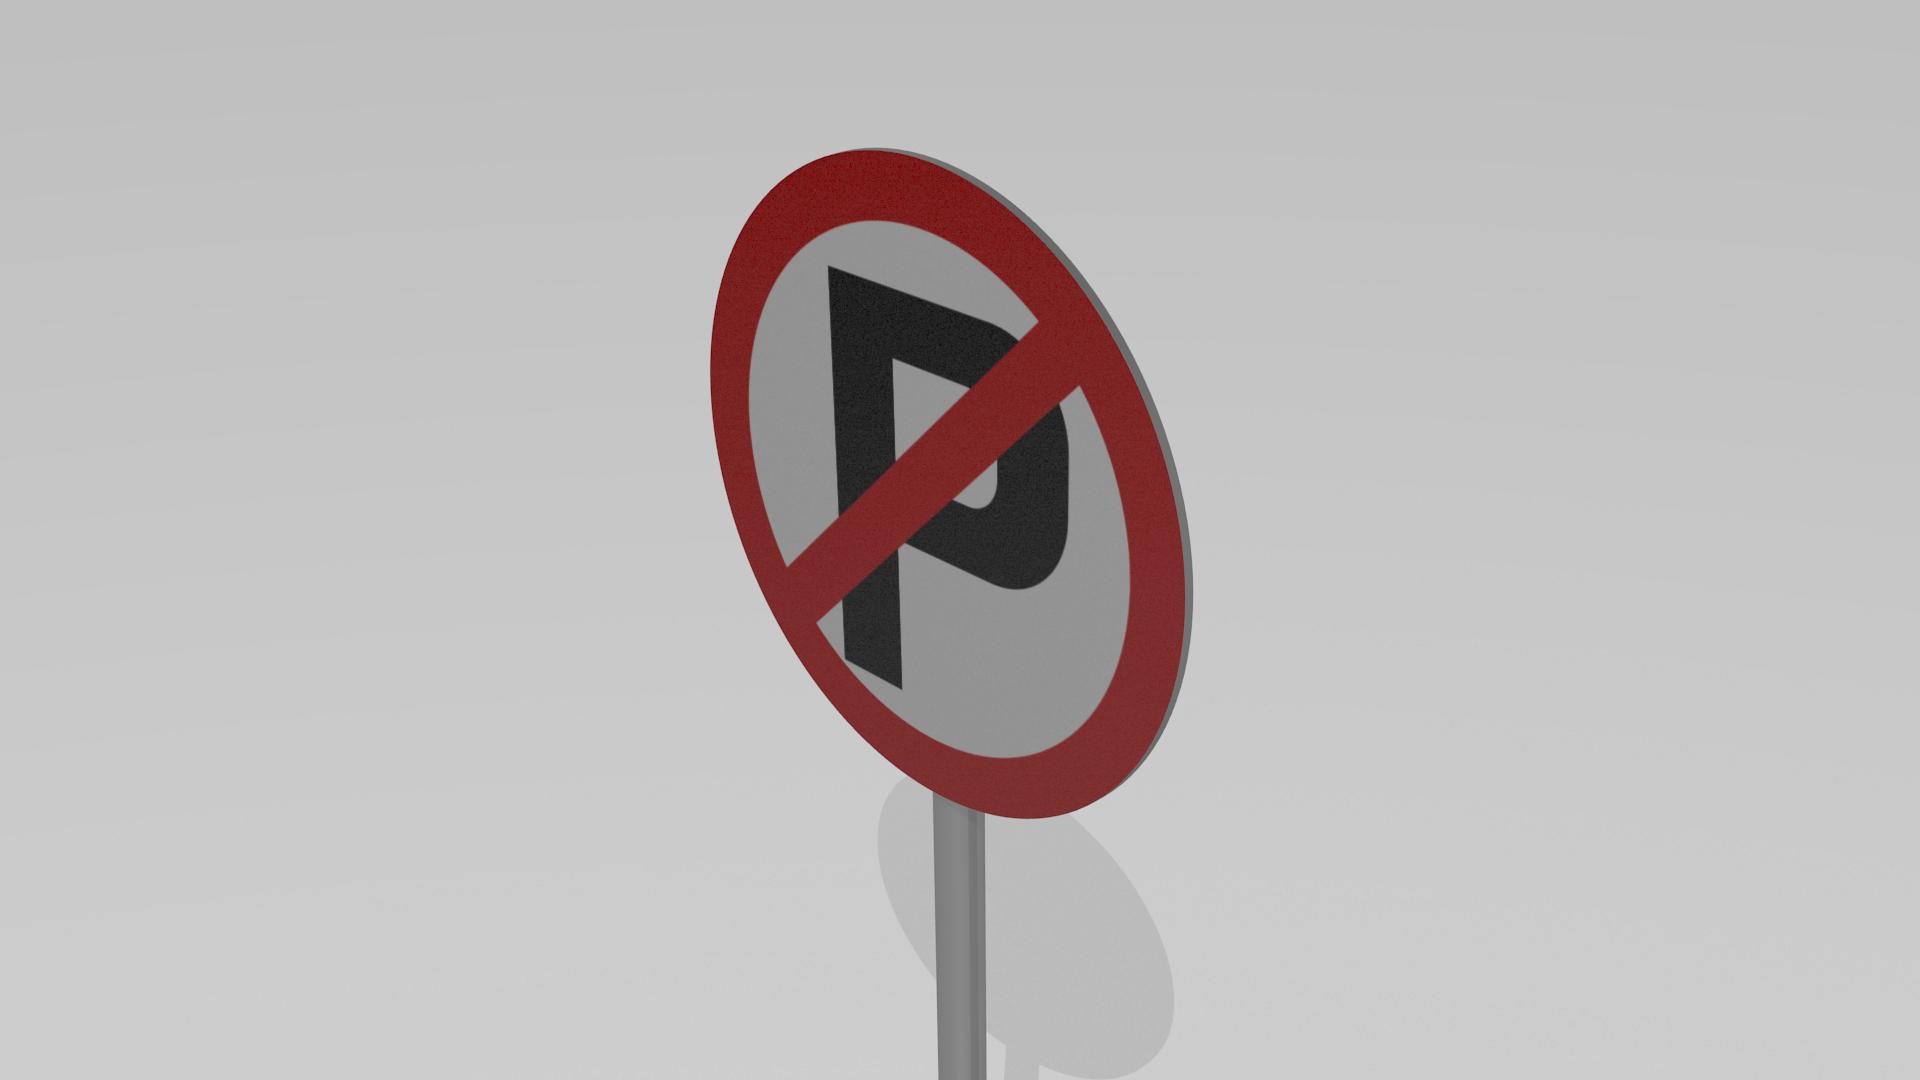 No Parking Parking Sign Parking Signs Park Signage Signage